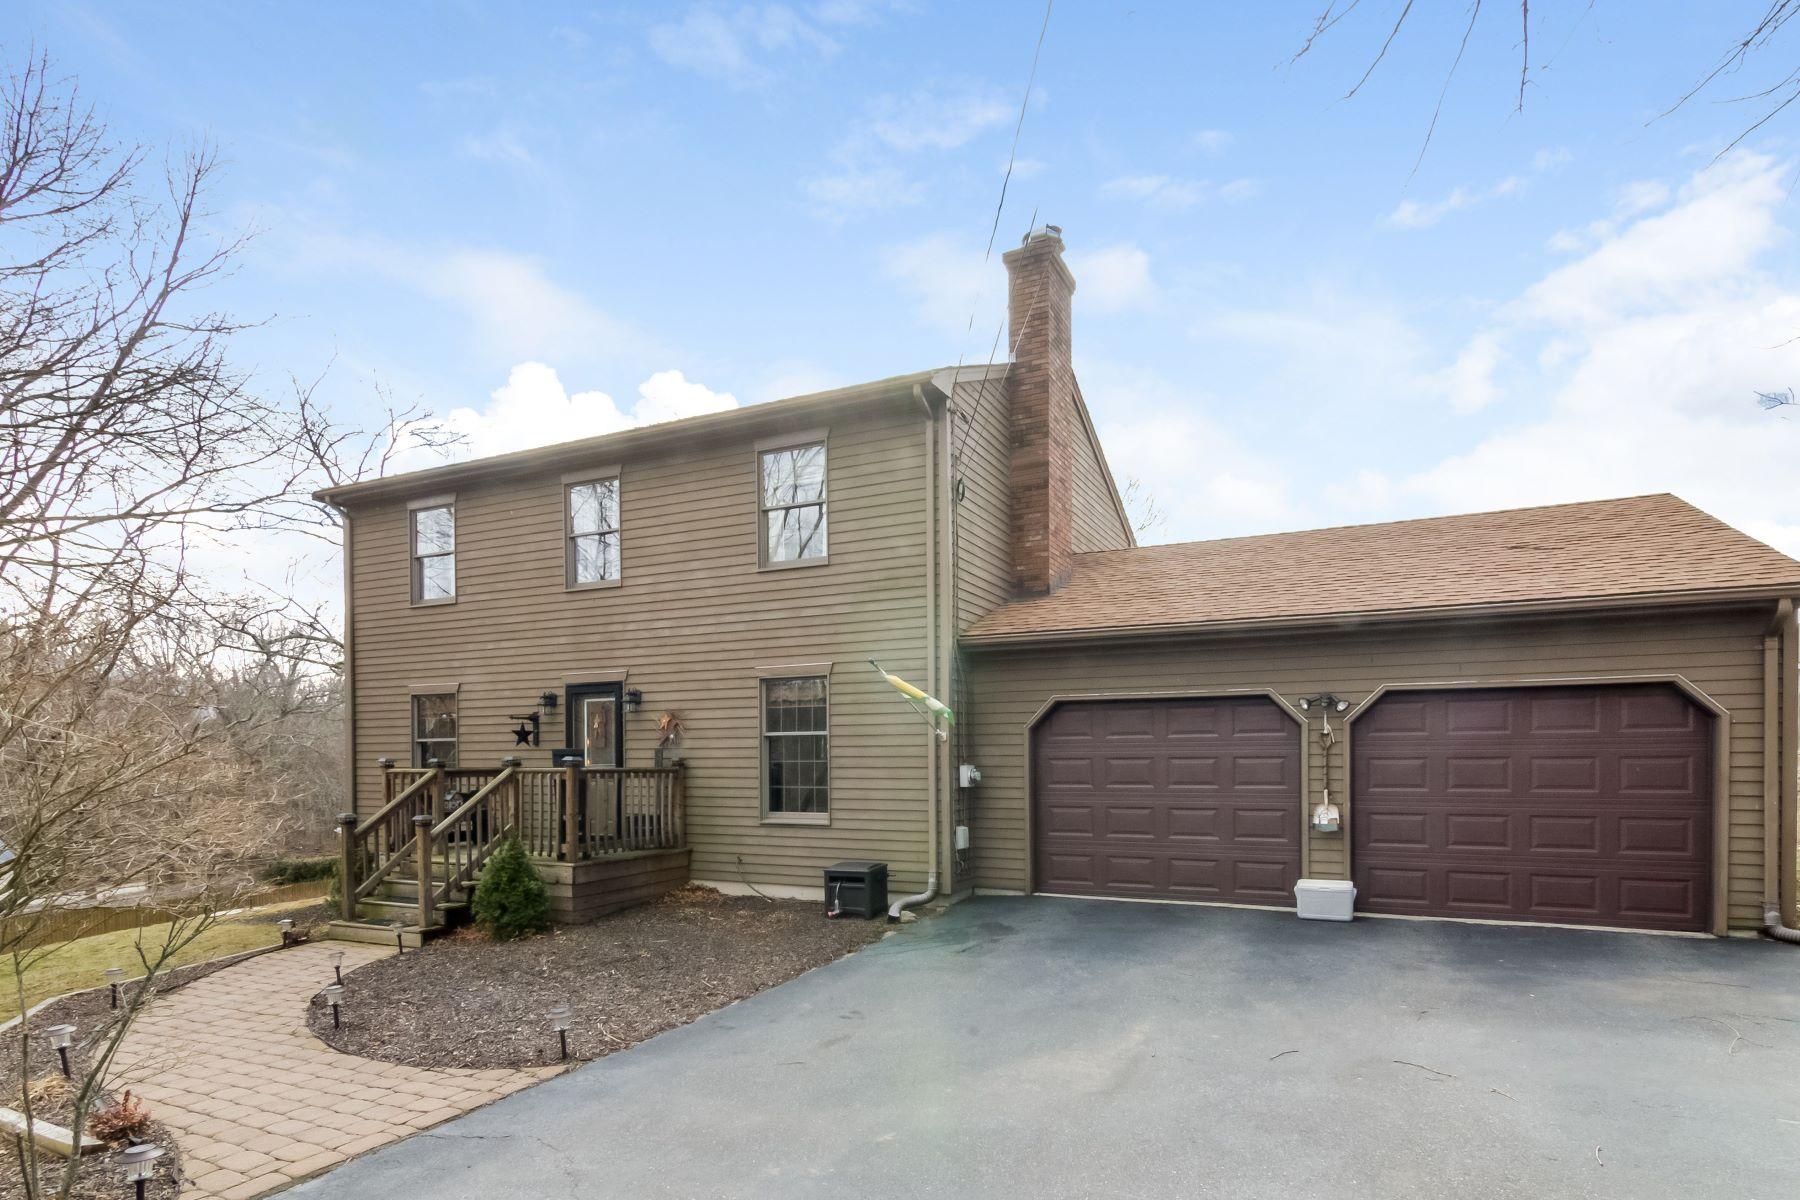 Single Family Home for Sale at 148 Bradford Av, East Providence, RI 148 Bradford Av East Providence, Rhode Island 02914 United States